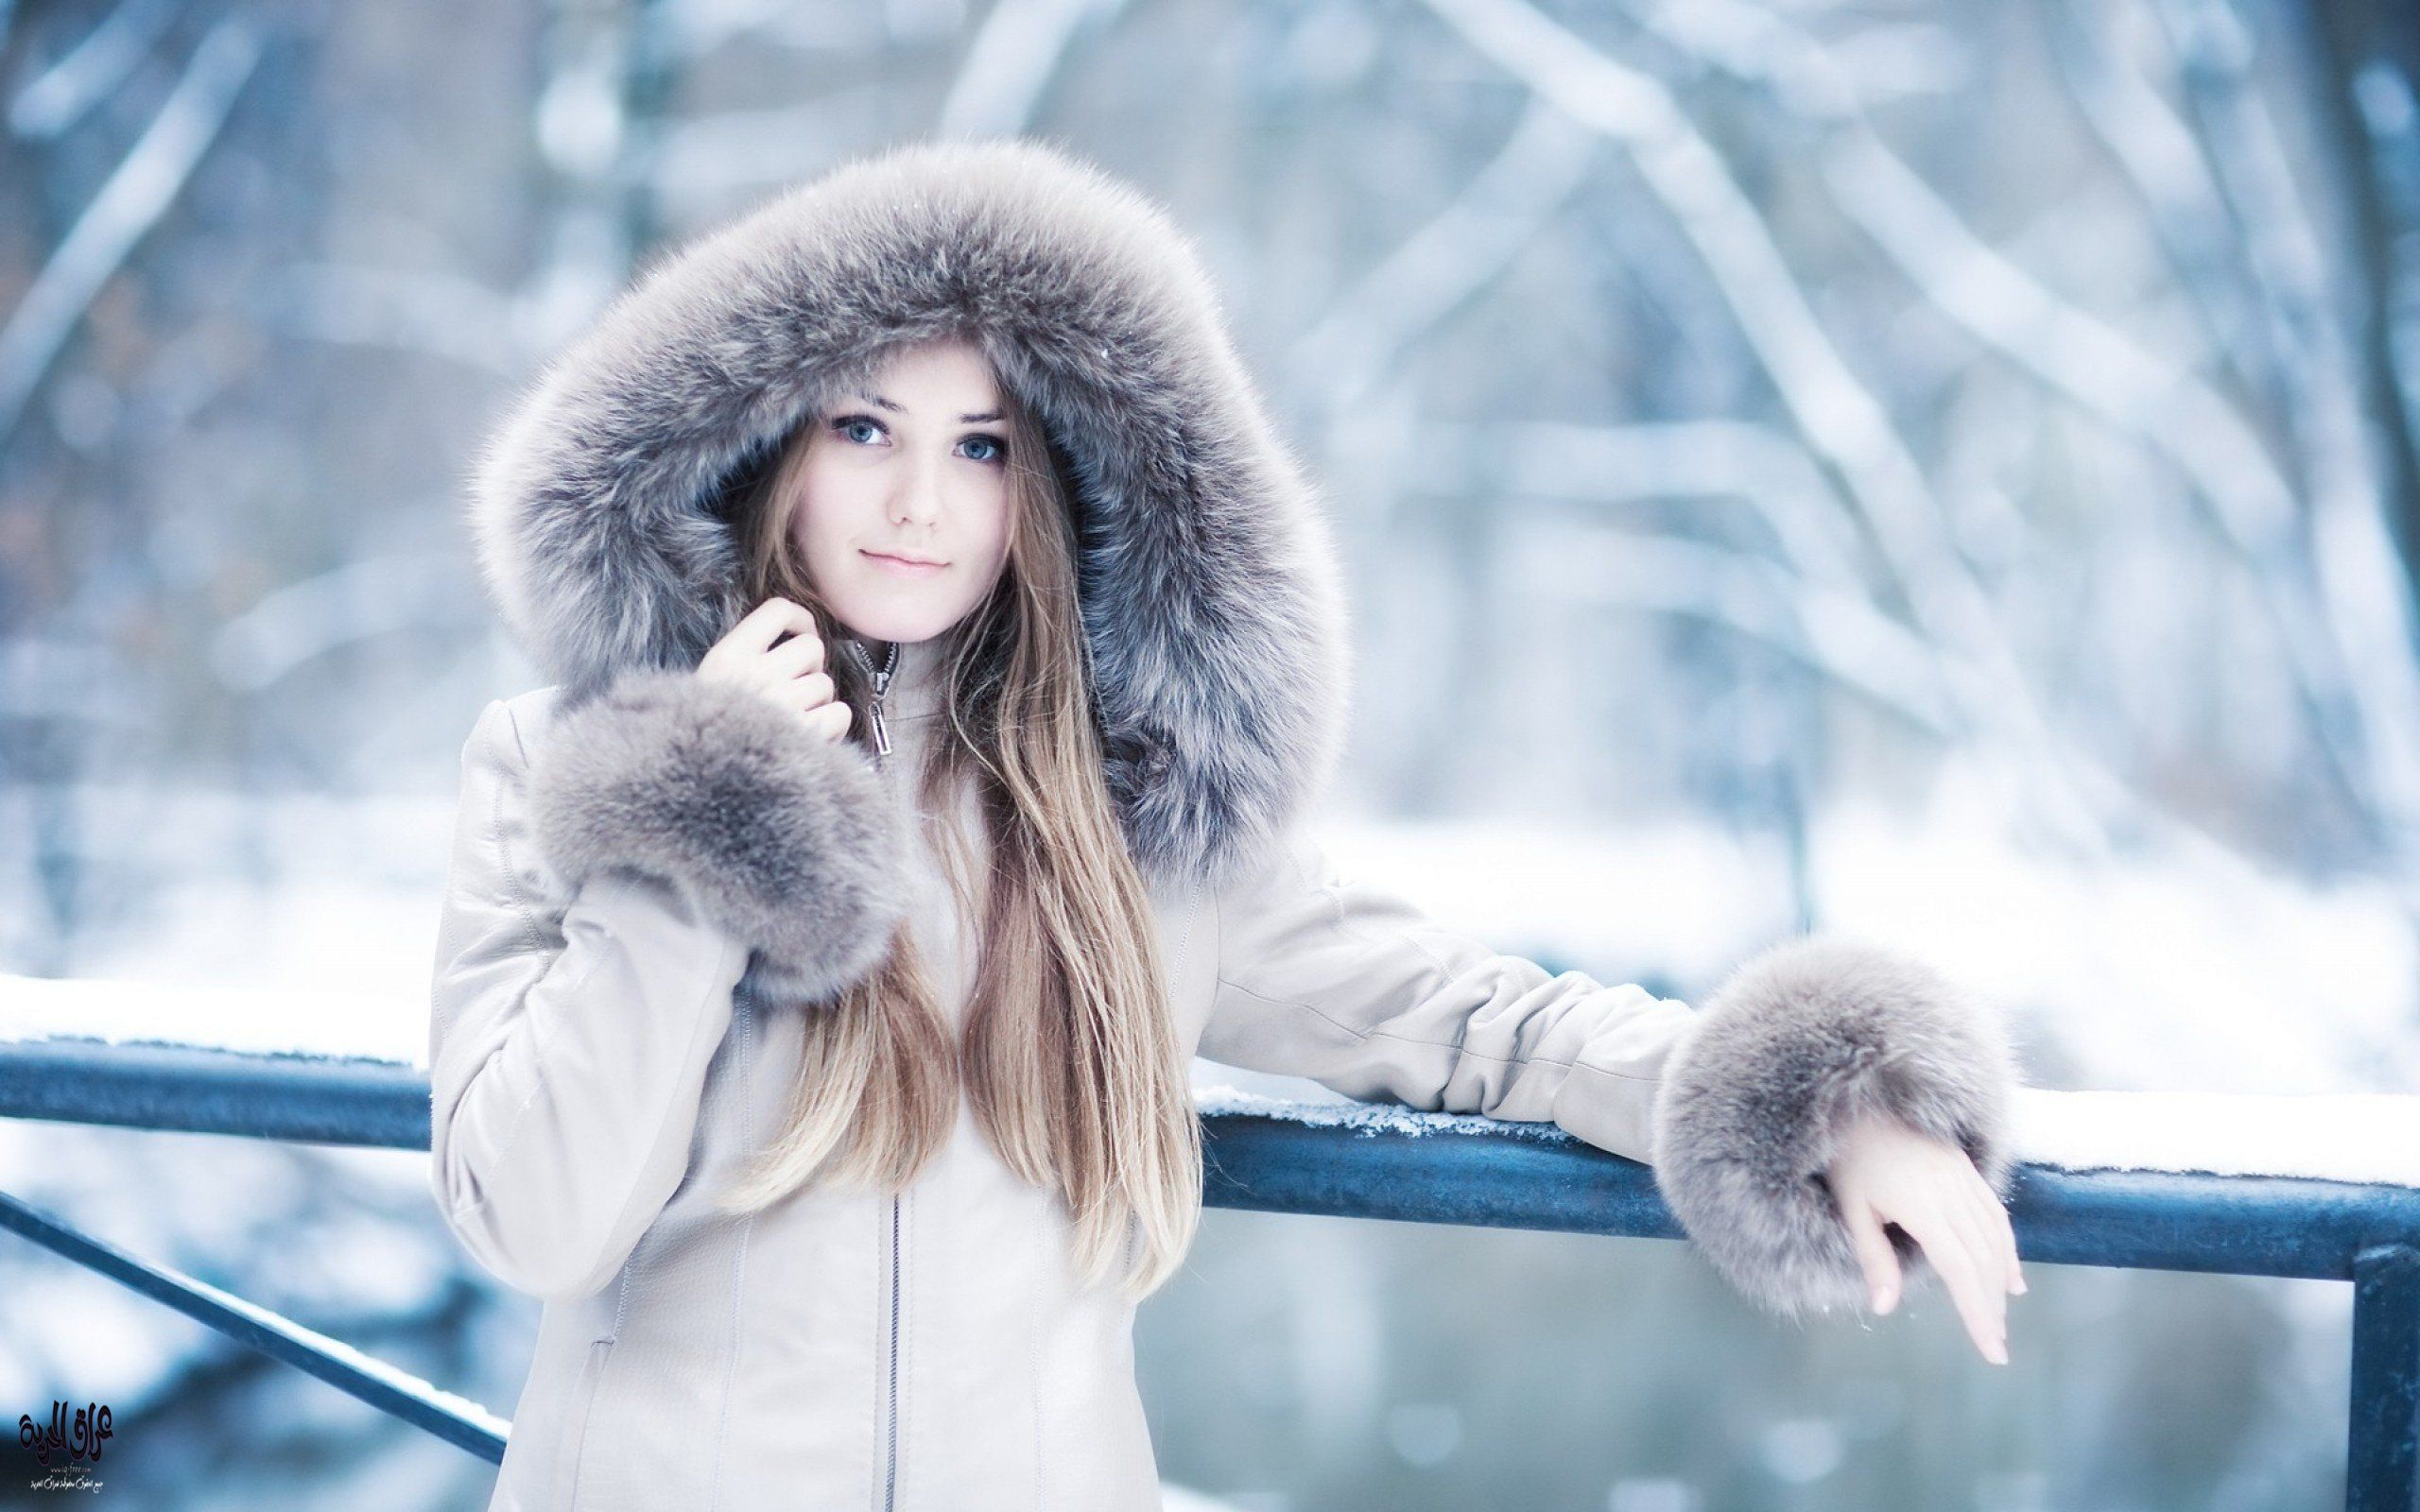 بالصور صور عن الشتاء , اروع صور للشتاء امطار و ثلوج 2933 6